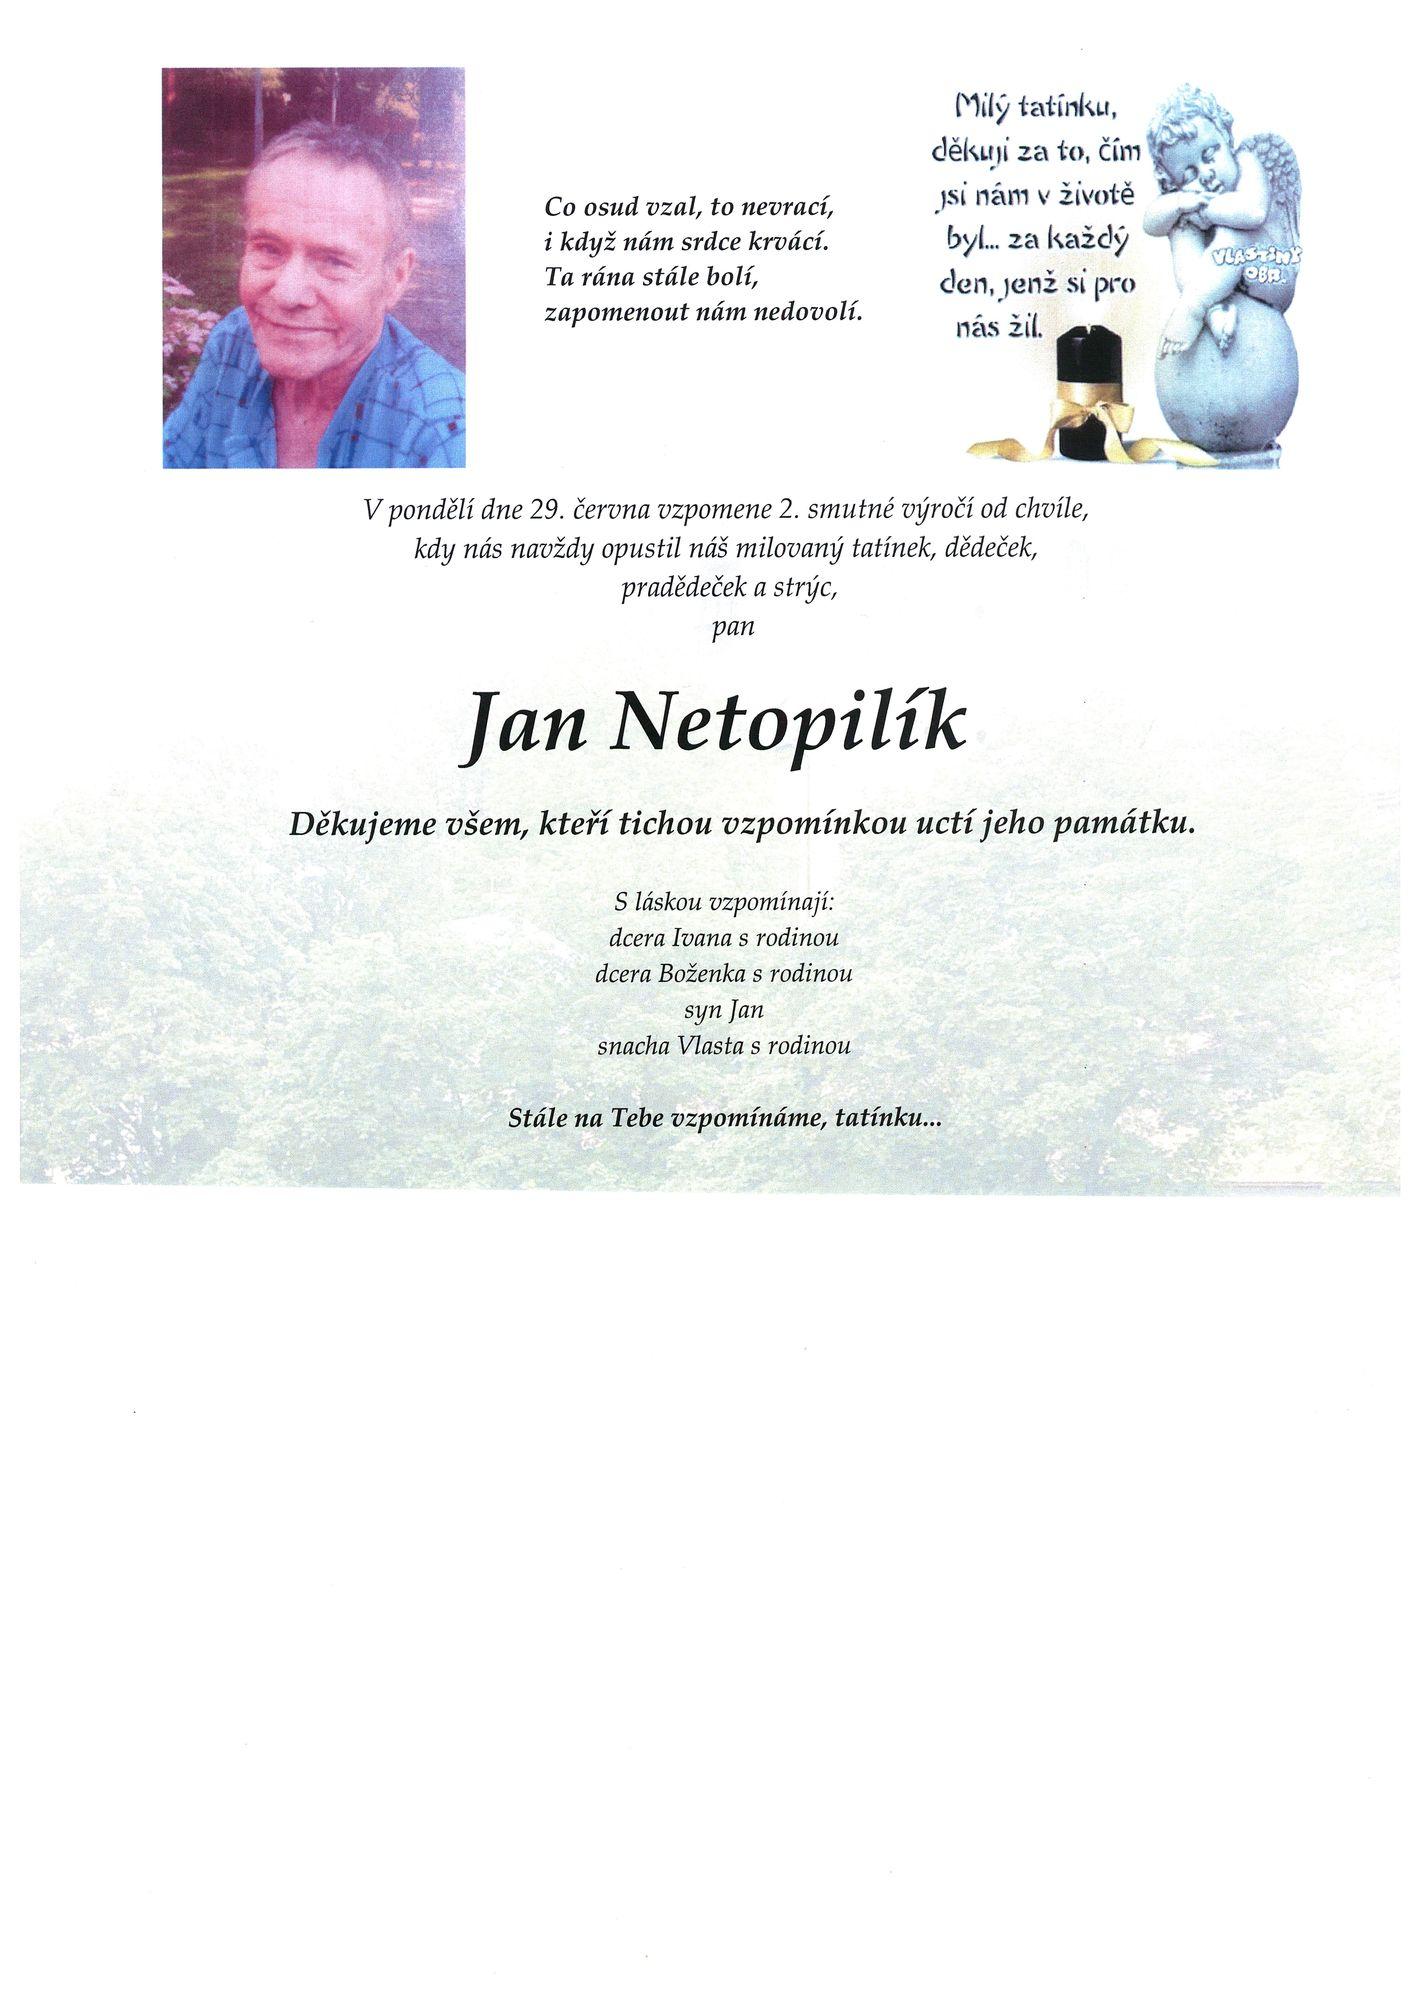 Jan Netopilík